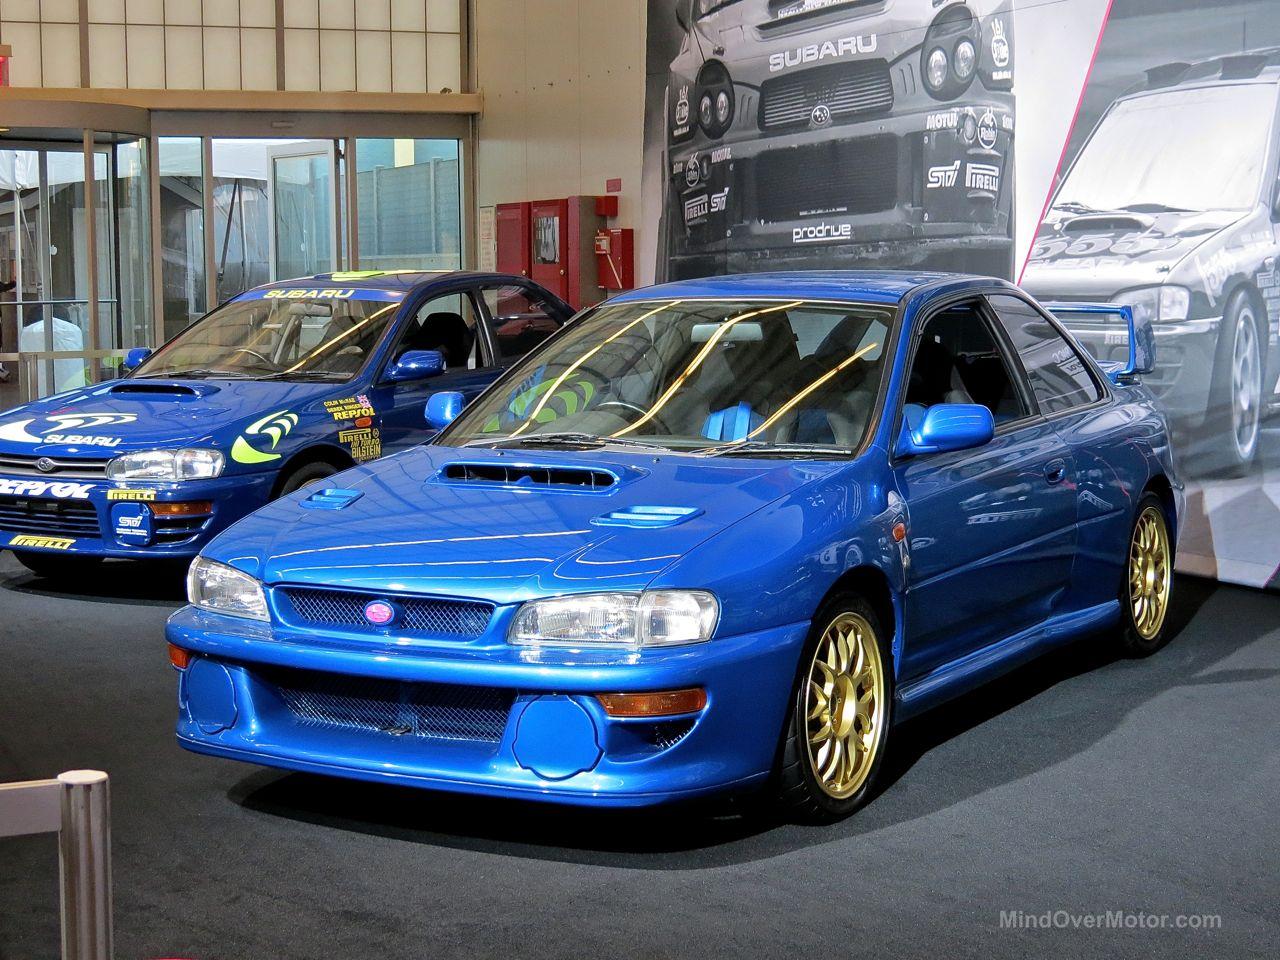 NYIAS 2015 Subaru Impreza STi 22B